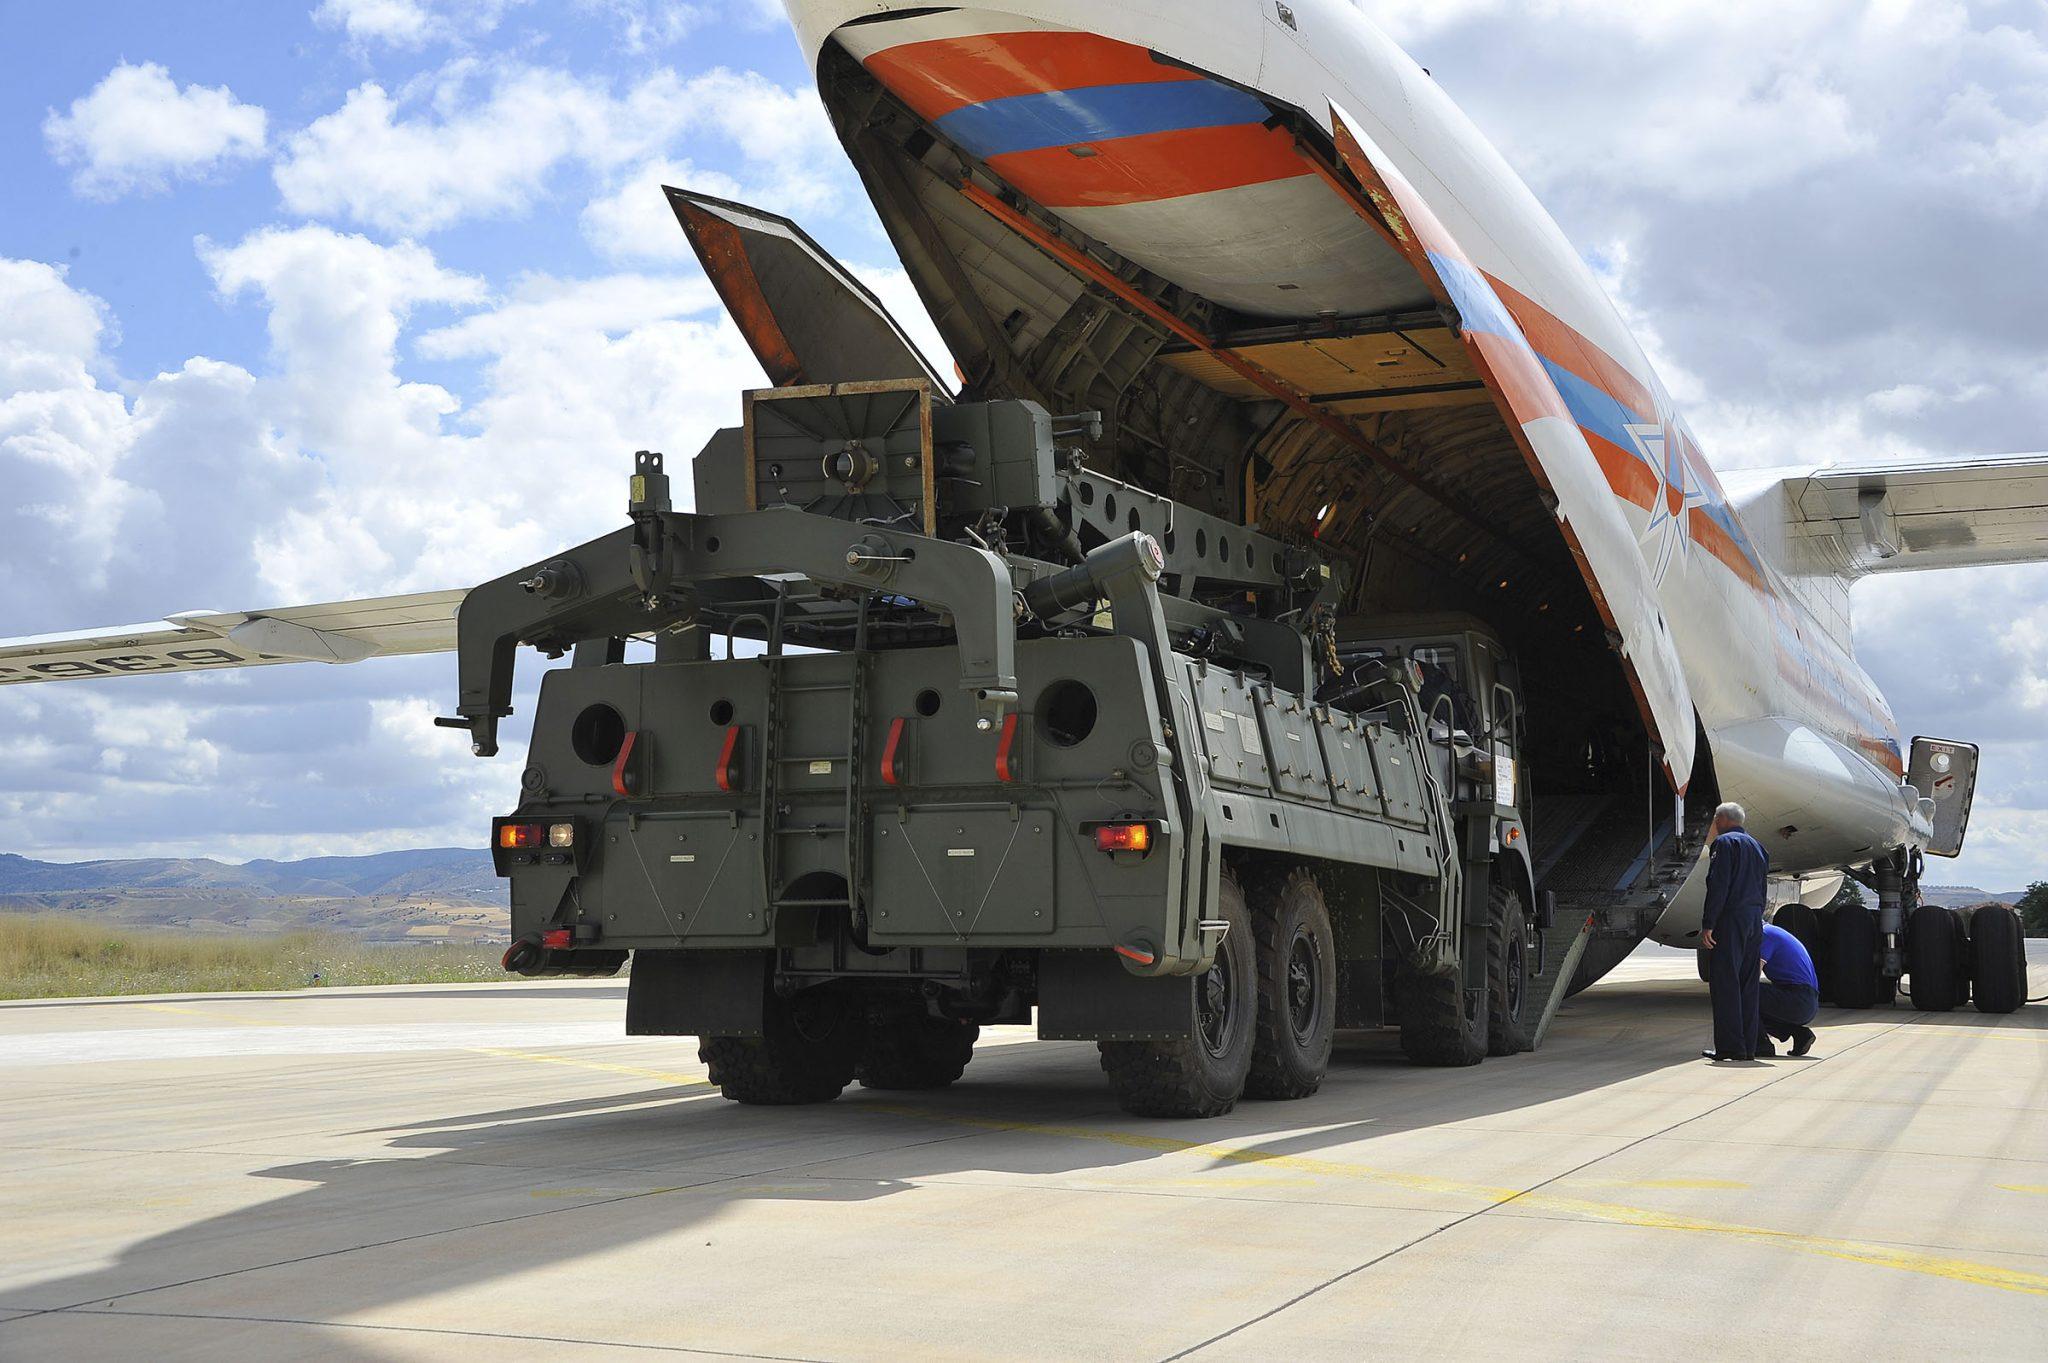 صورة ماذا يجري؟.. صفقة صاروخية كبرى لتركيا مع روسيا وأردوغان يطلق تصريحات قوية